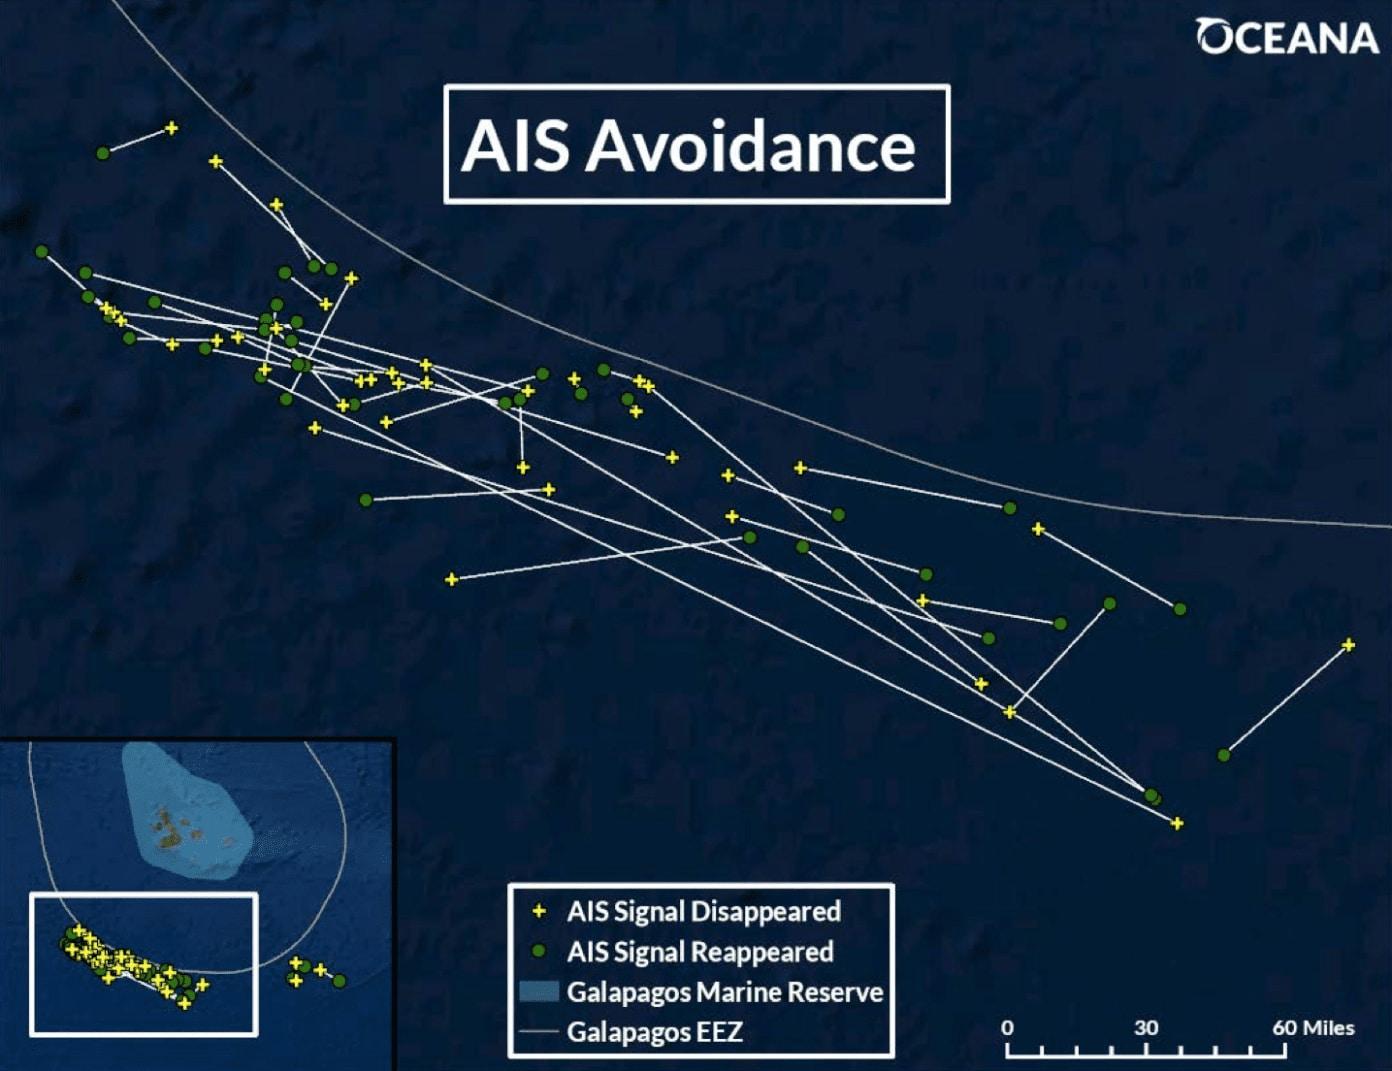 Grafika obrazująca sygnały AIS chińskiej floty rybackiej na wyspach galapagos